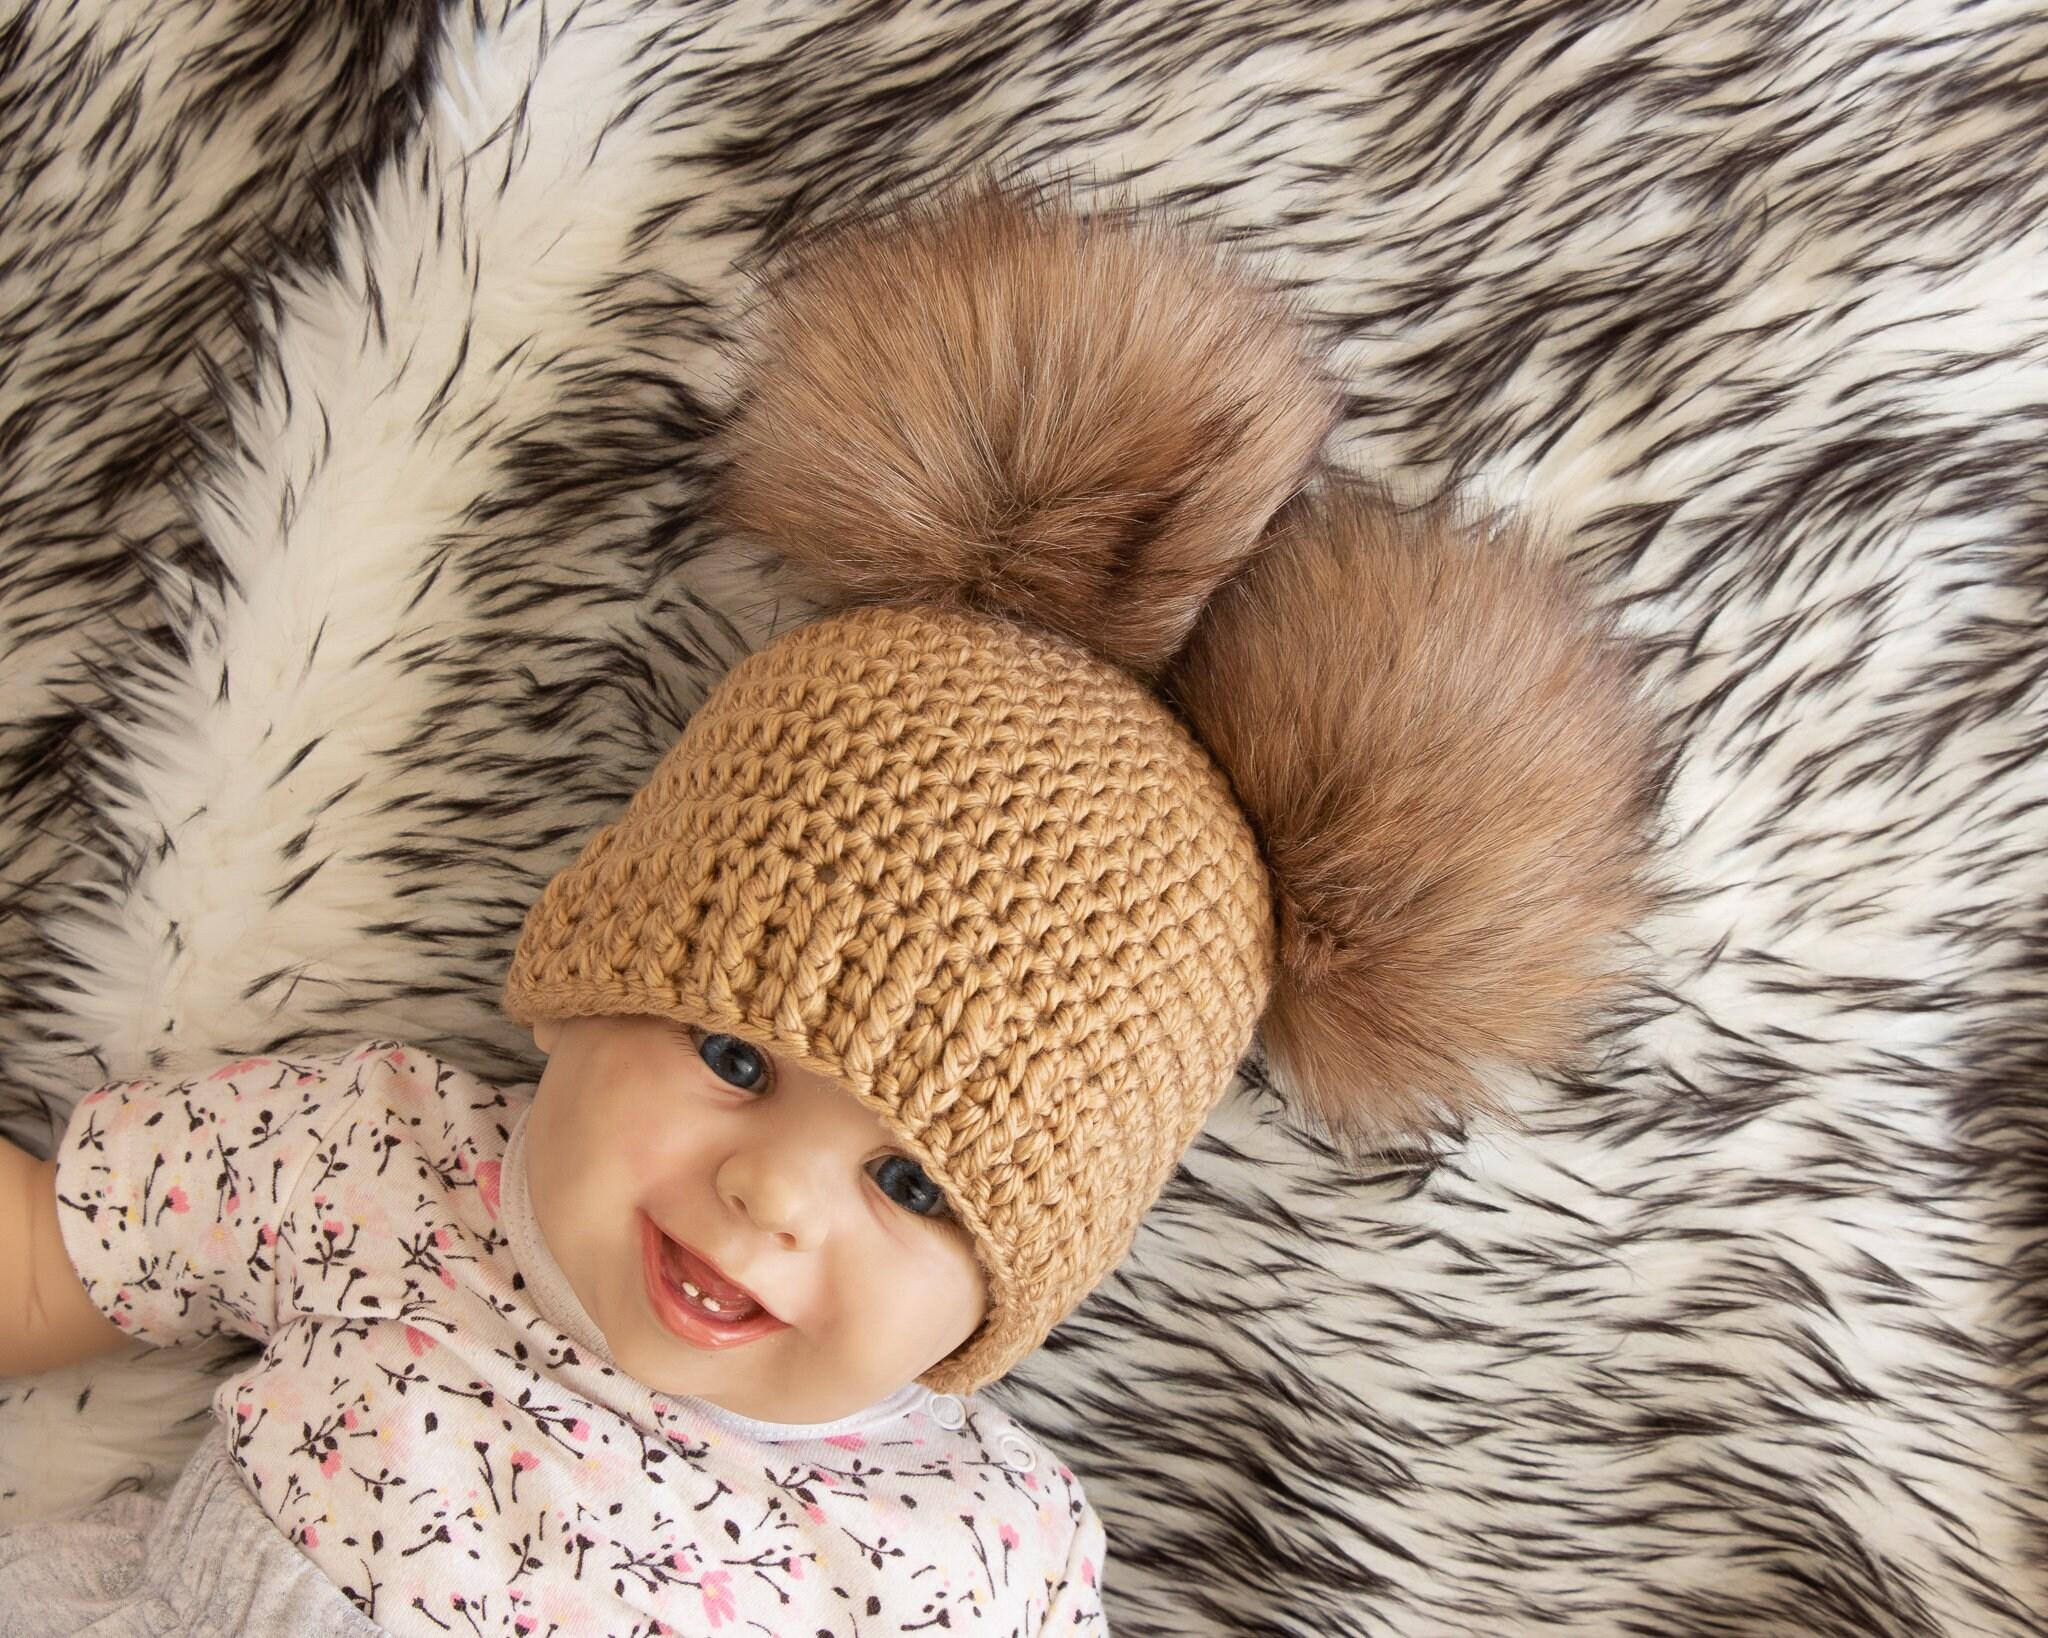 Baby Pom Pom Beanie Double Pom Pom Baby Hat Crochet Pom Pom Hat Newborn Photo